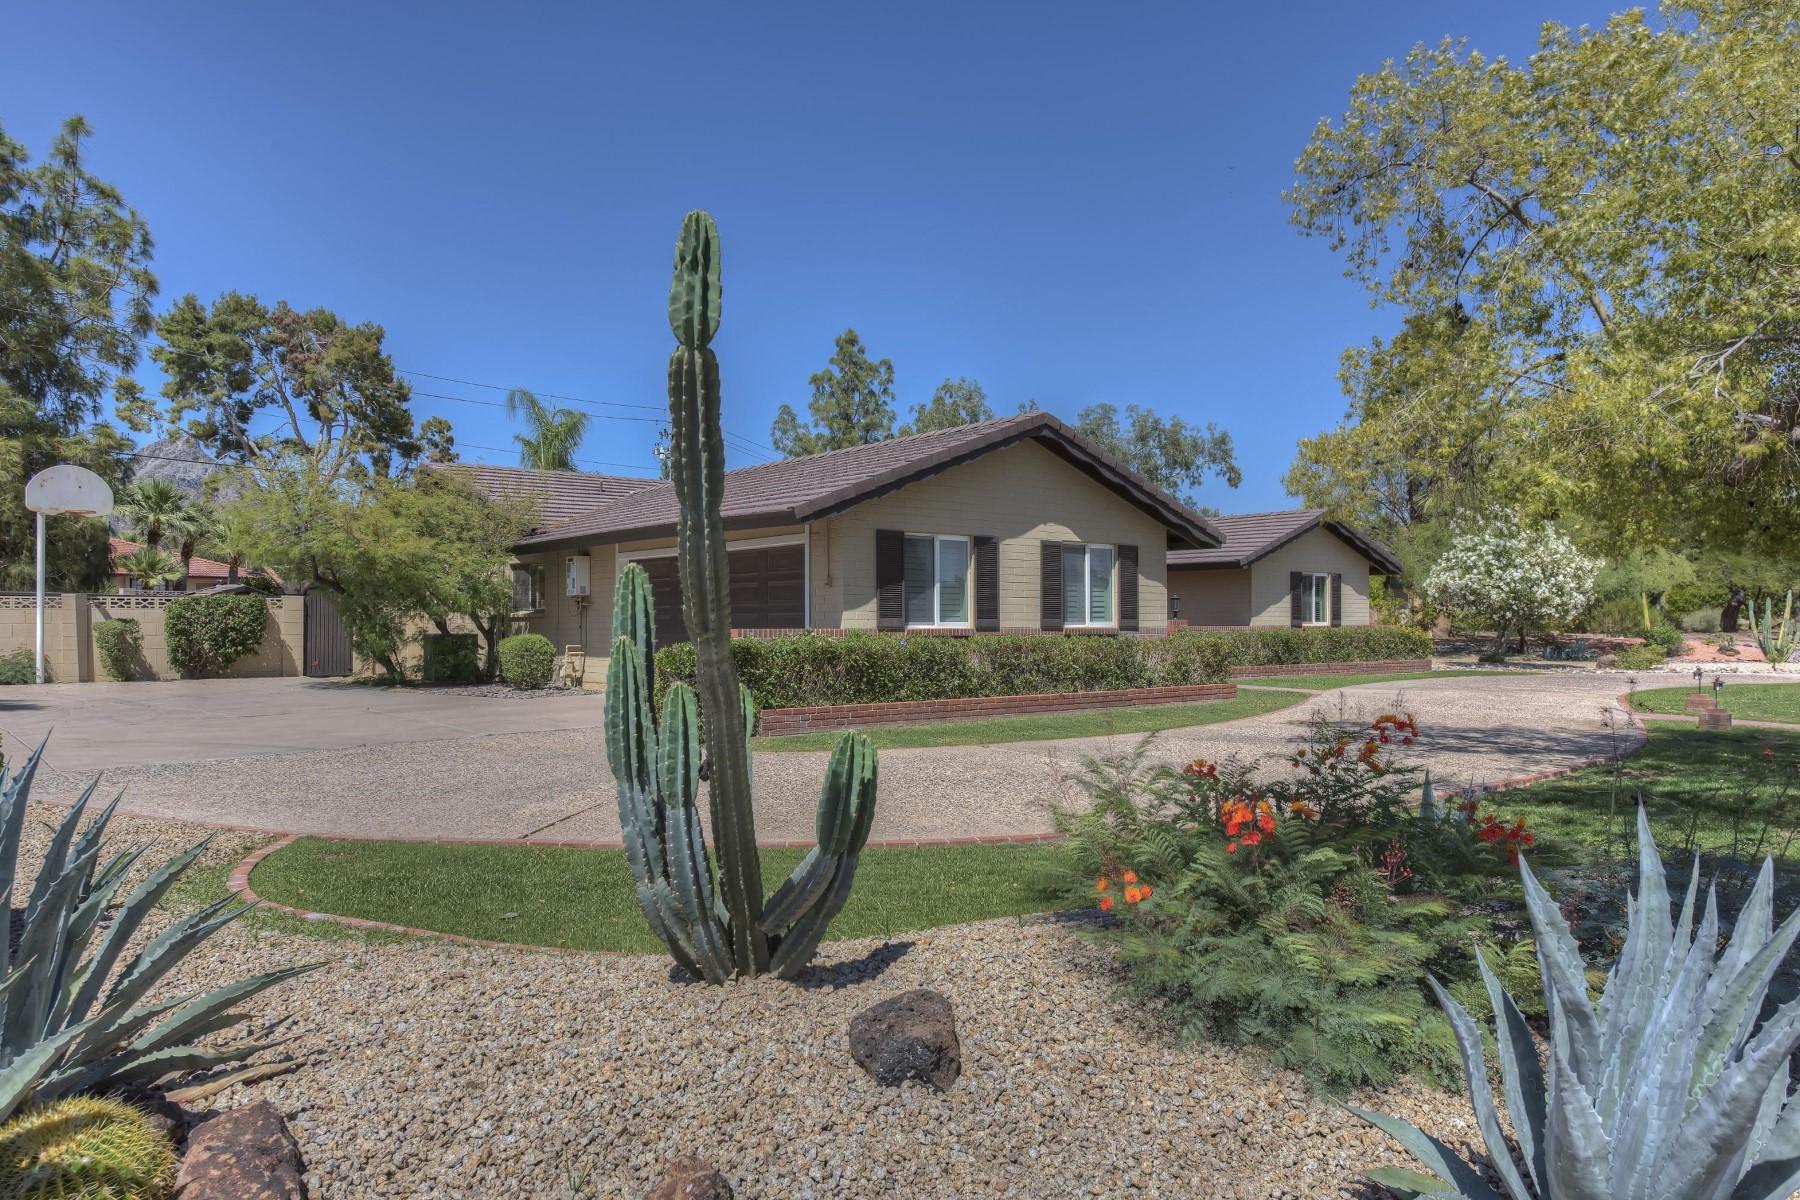 Casa Unifamiliar por un Venta en Charming home in the prestigious quiet neighborhood of Bel Aire Estates 2202 E Montebello Ave Phoenix, Arizona, 85016 Estados Unidos